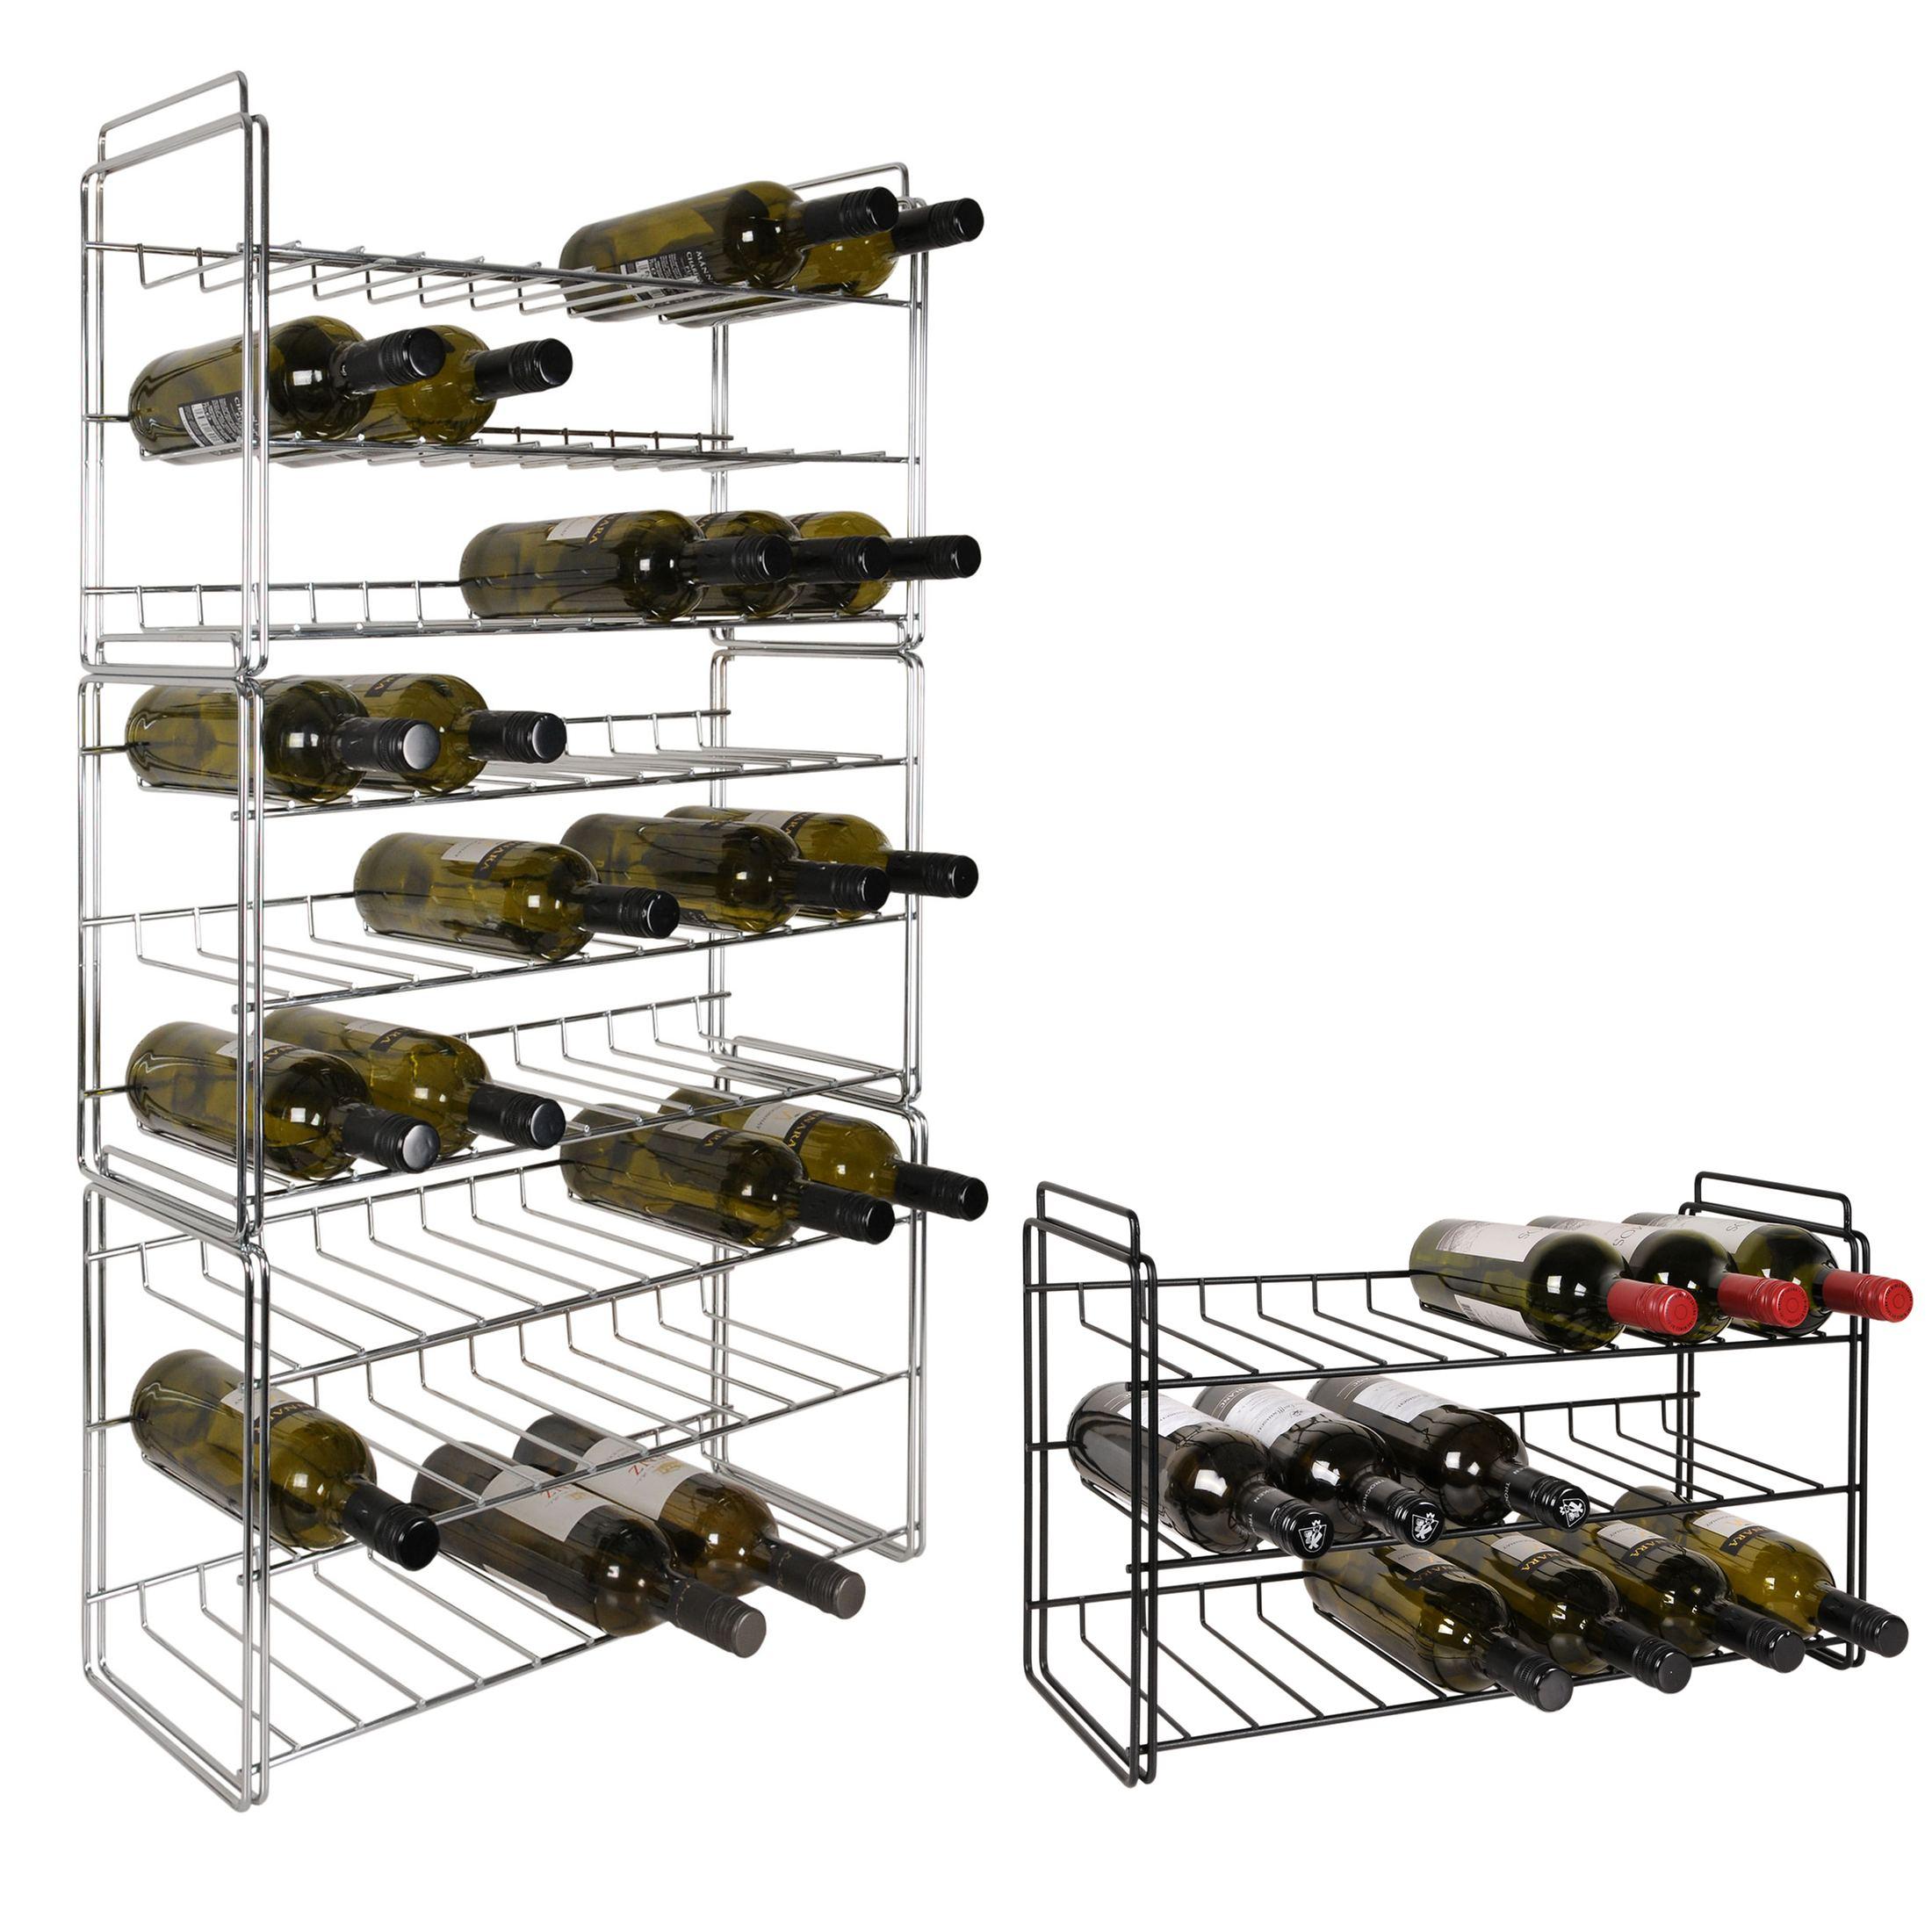 weinregal system sauvignon aus metall schwarz stapelbar erweiterbar ebay. Black Bedroom Furniture Sets. Home Design Ideas